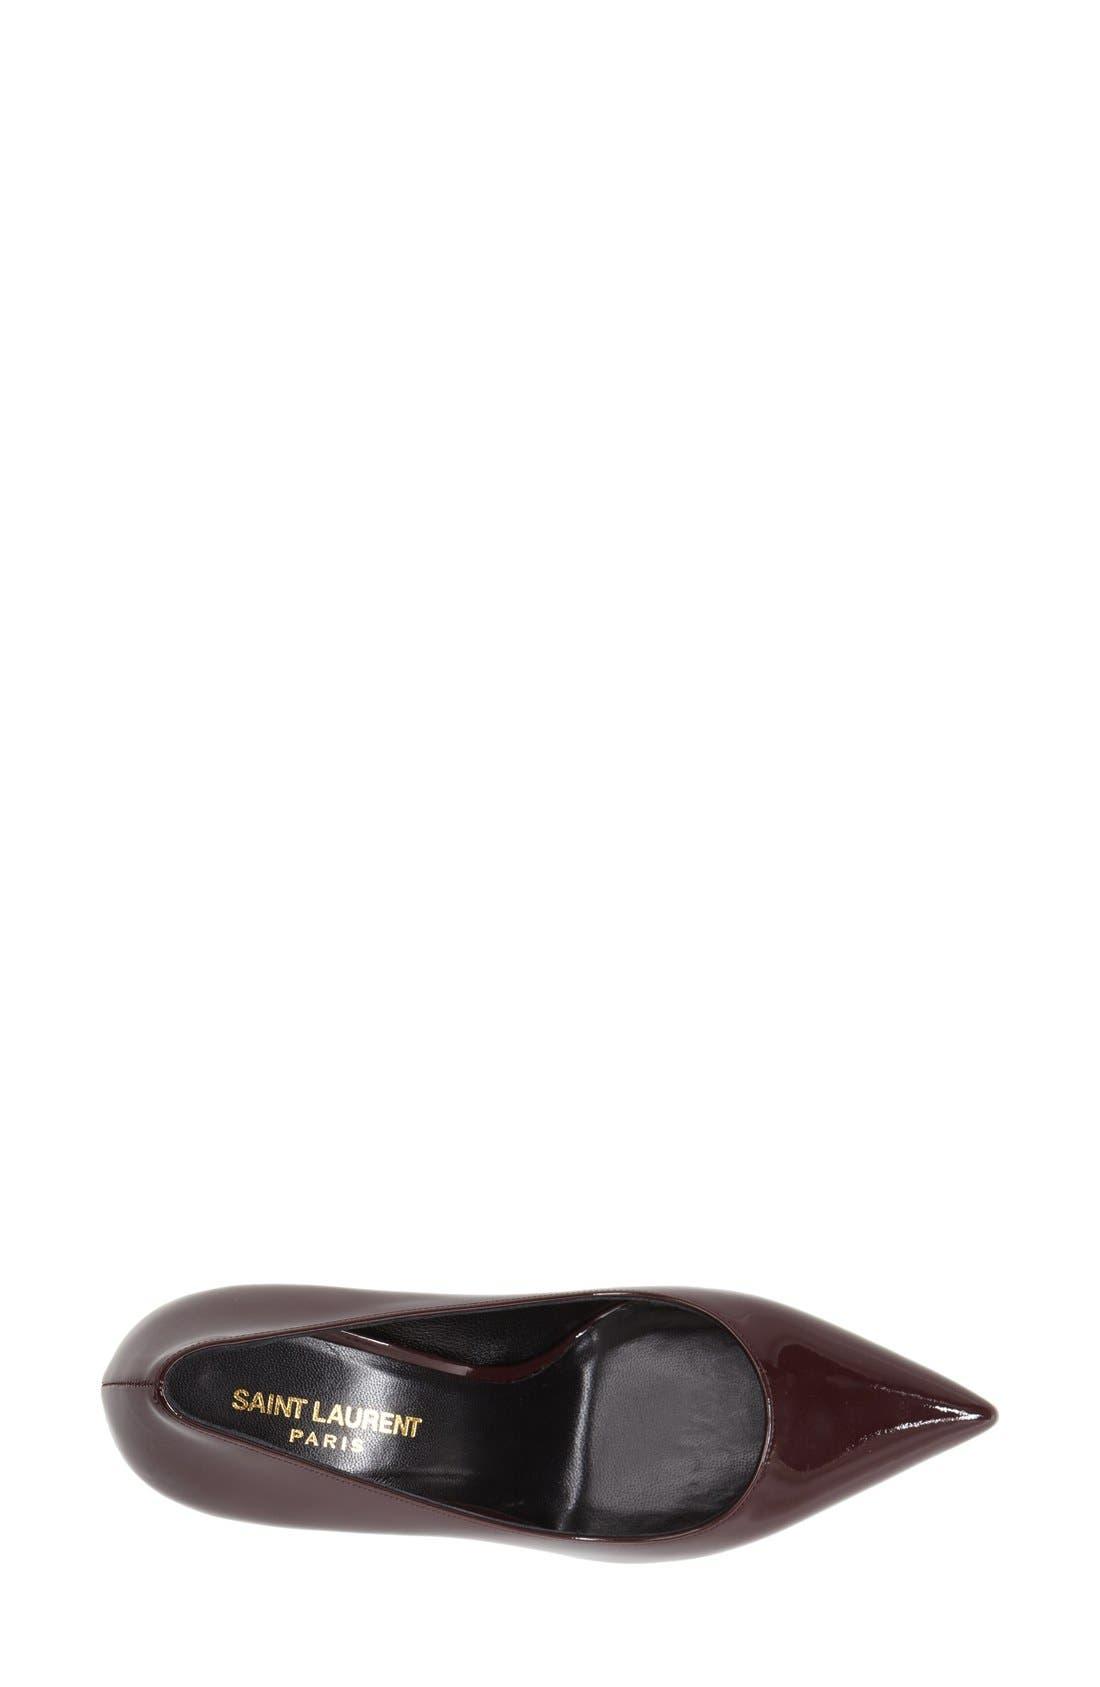 Alternate Image 3  - Saint Laurent 'Paris' Pointy Toe Pump (Women)